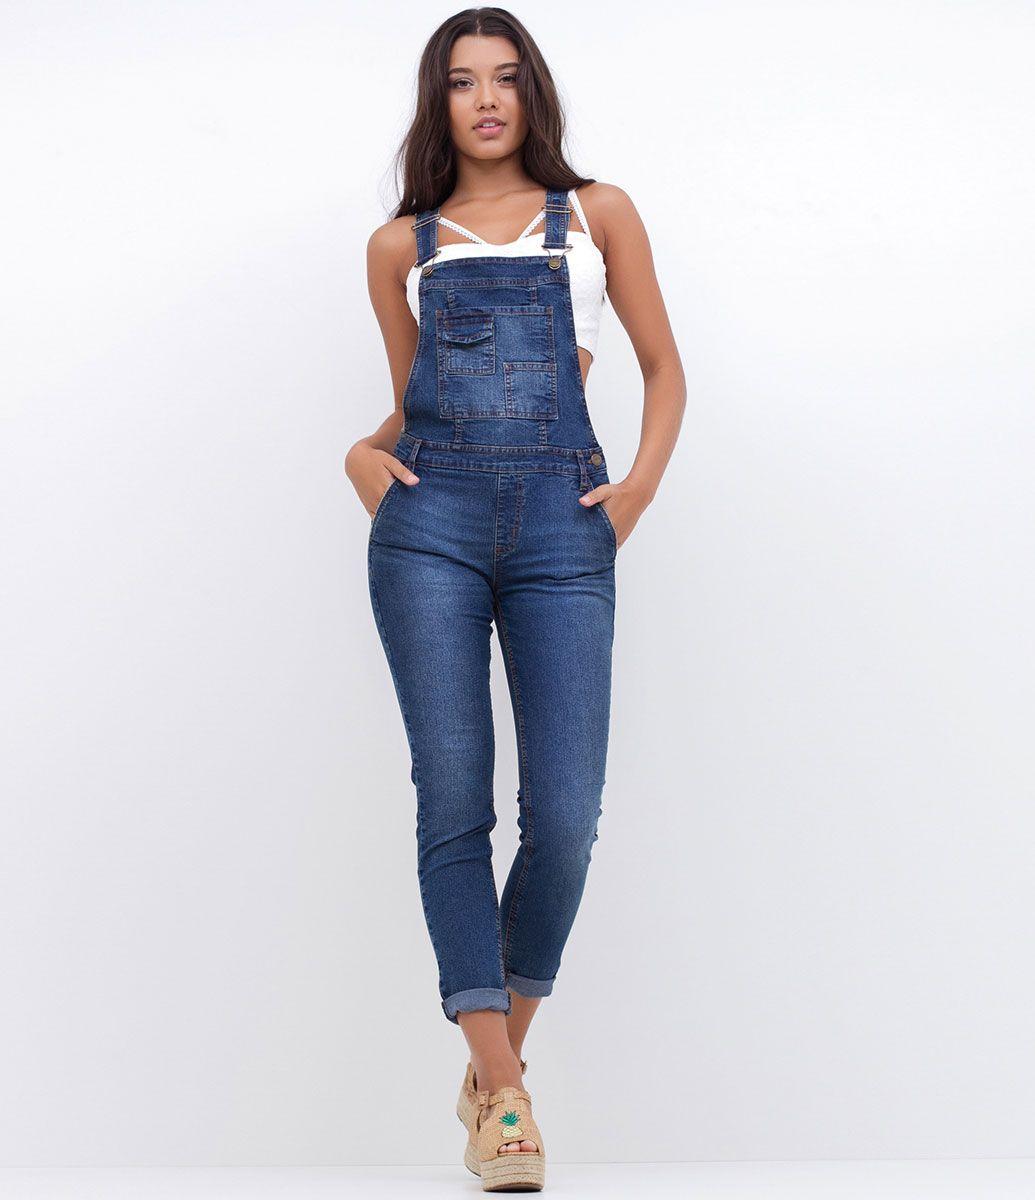 906c392c2 Macacão feminino Modelo longo Com bolso Marca  Blue Steel Tecido  jeans  Composição  79